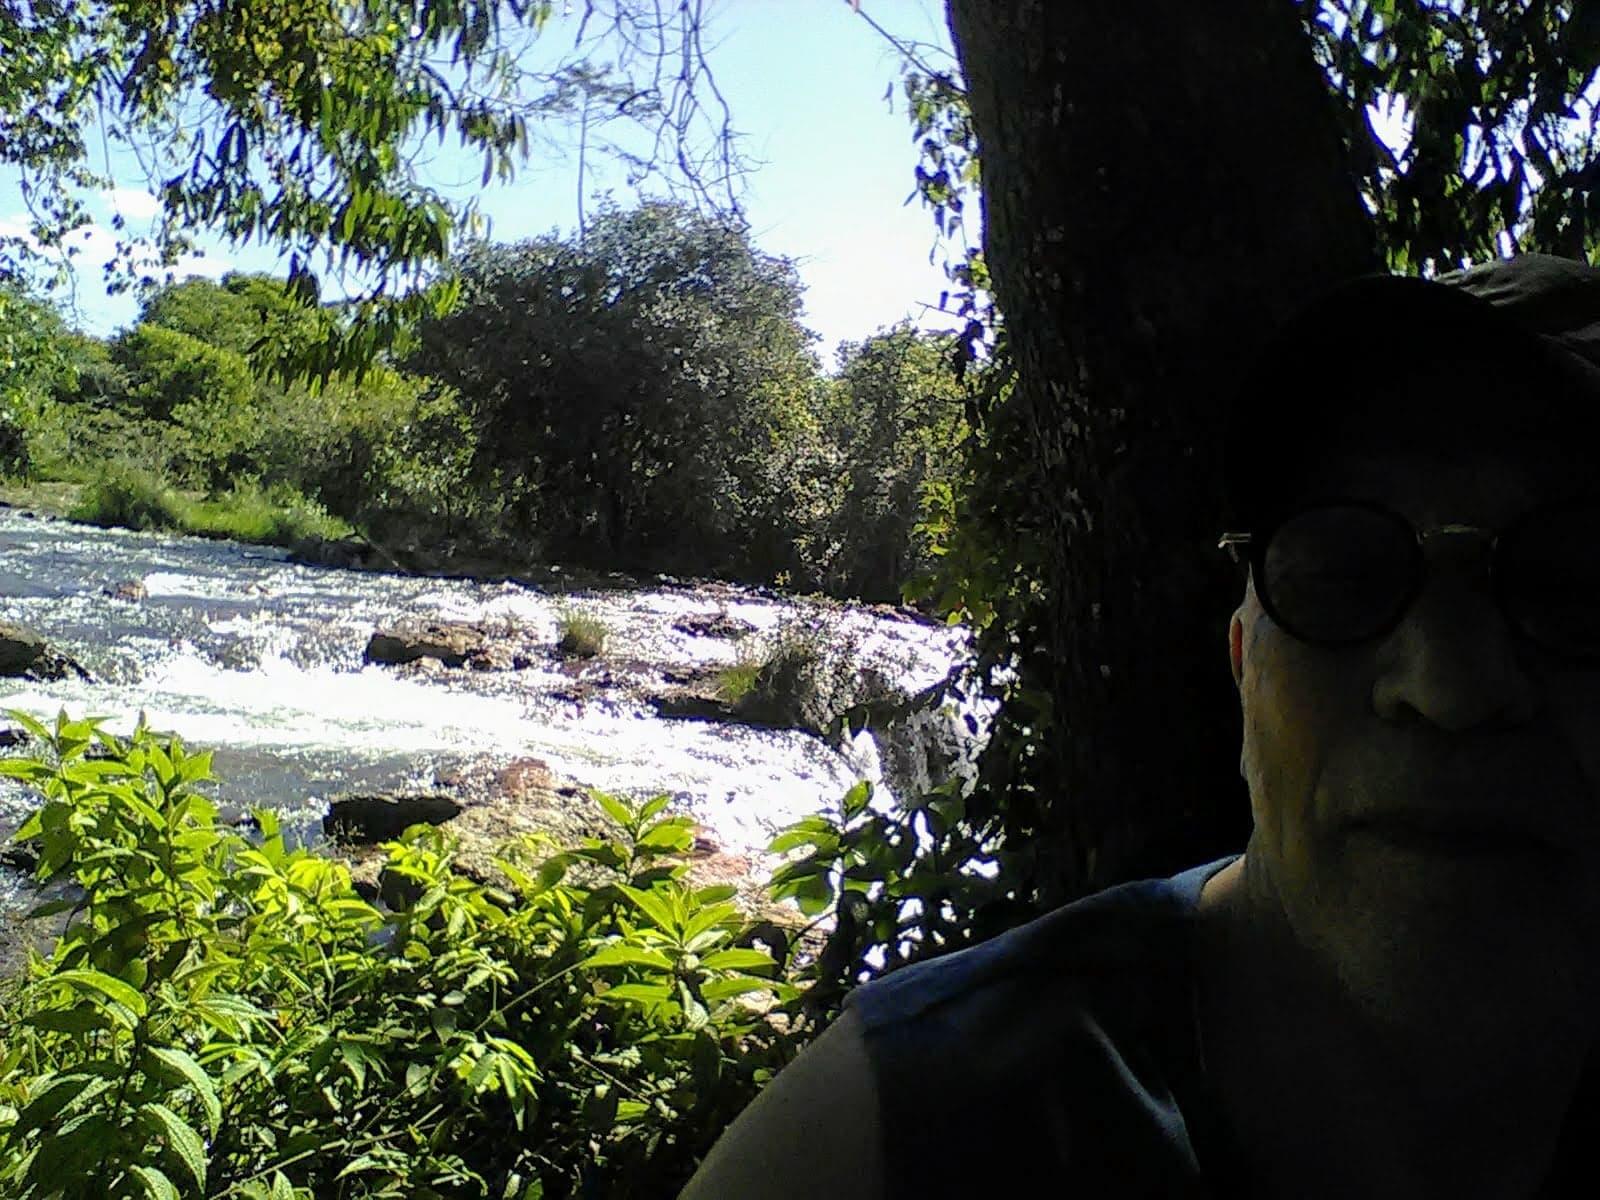 Brazilianen-zijn-dol-op-watervallen-en-water-4